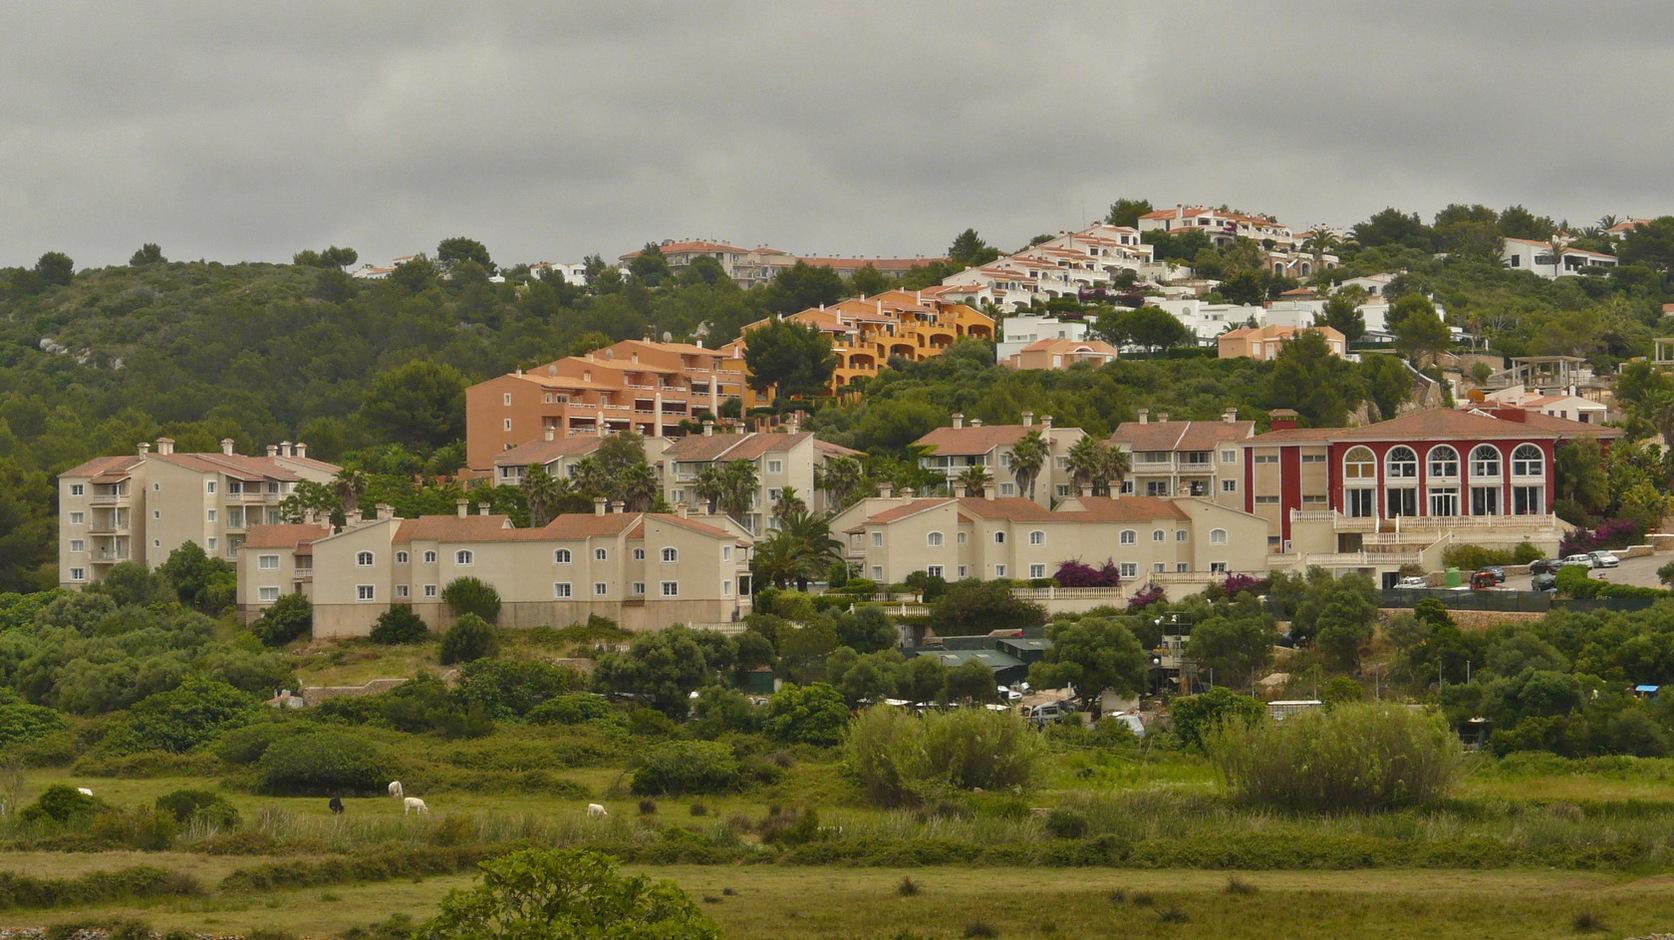 Son bou jardin de menorca 14 w rolf maltas website - Jardin de menorca ...